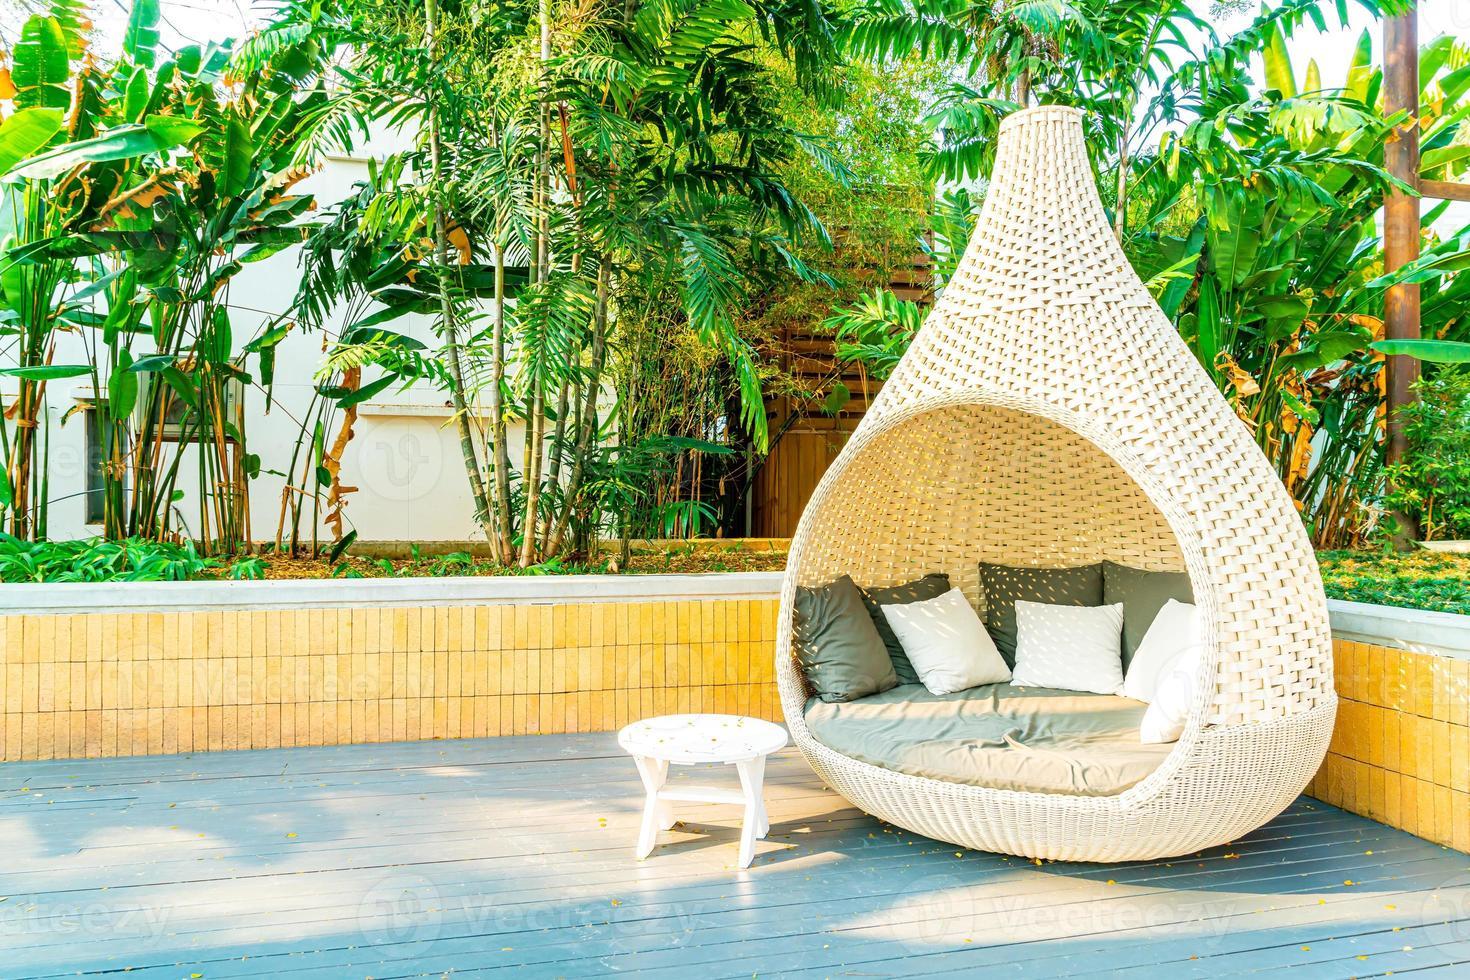 Décoration extérieure d'arc de chaise de patio dans le jardin photo